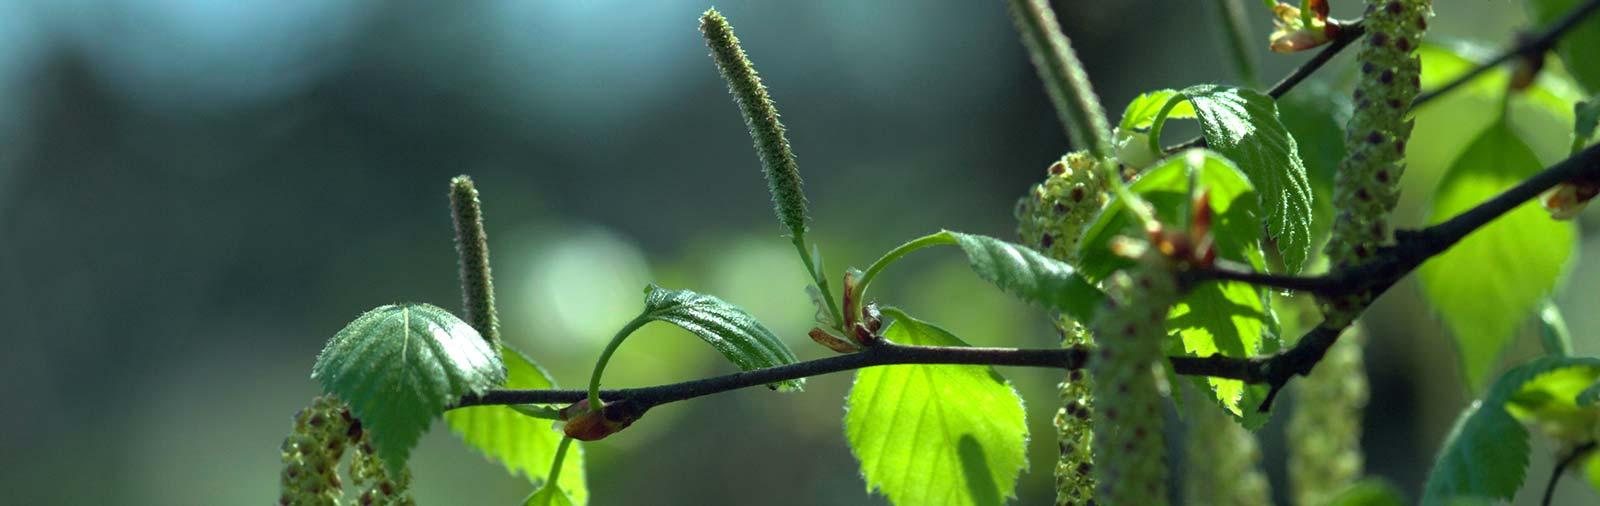 Birke - Betula pendula Roth